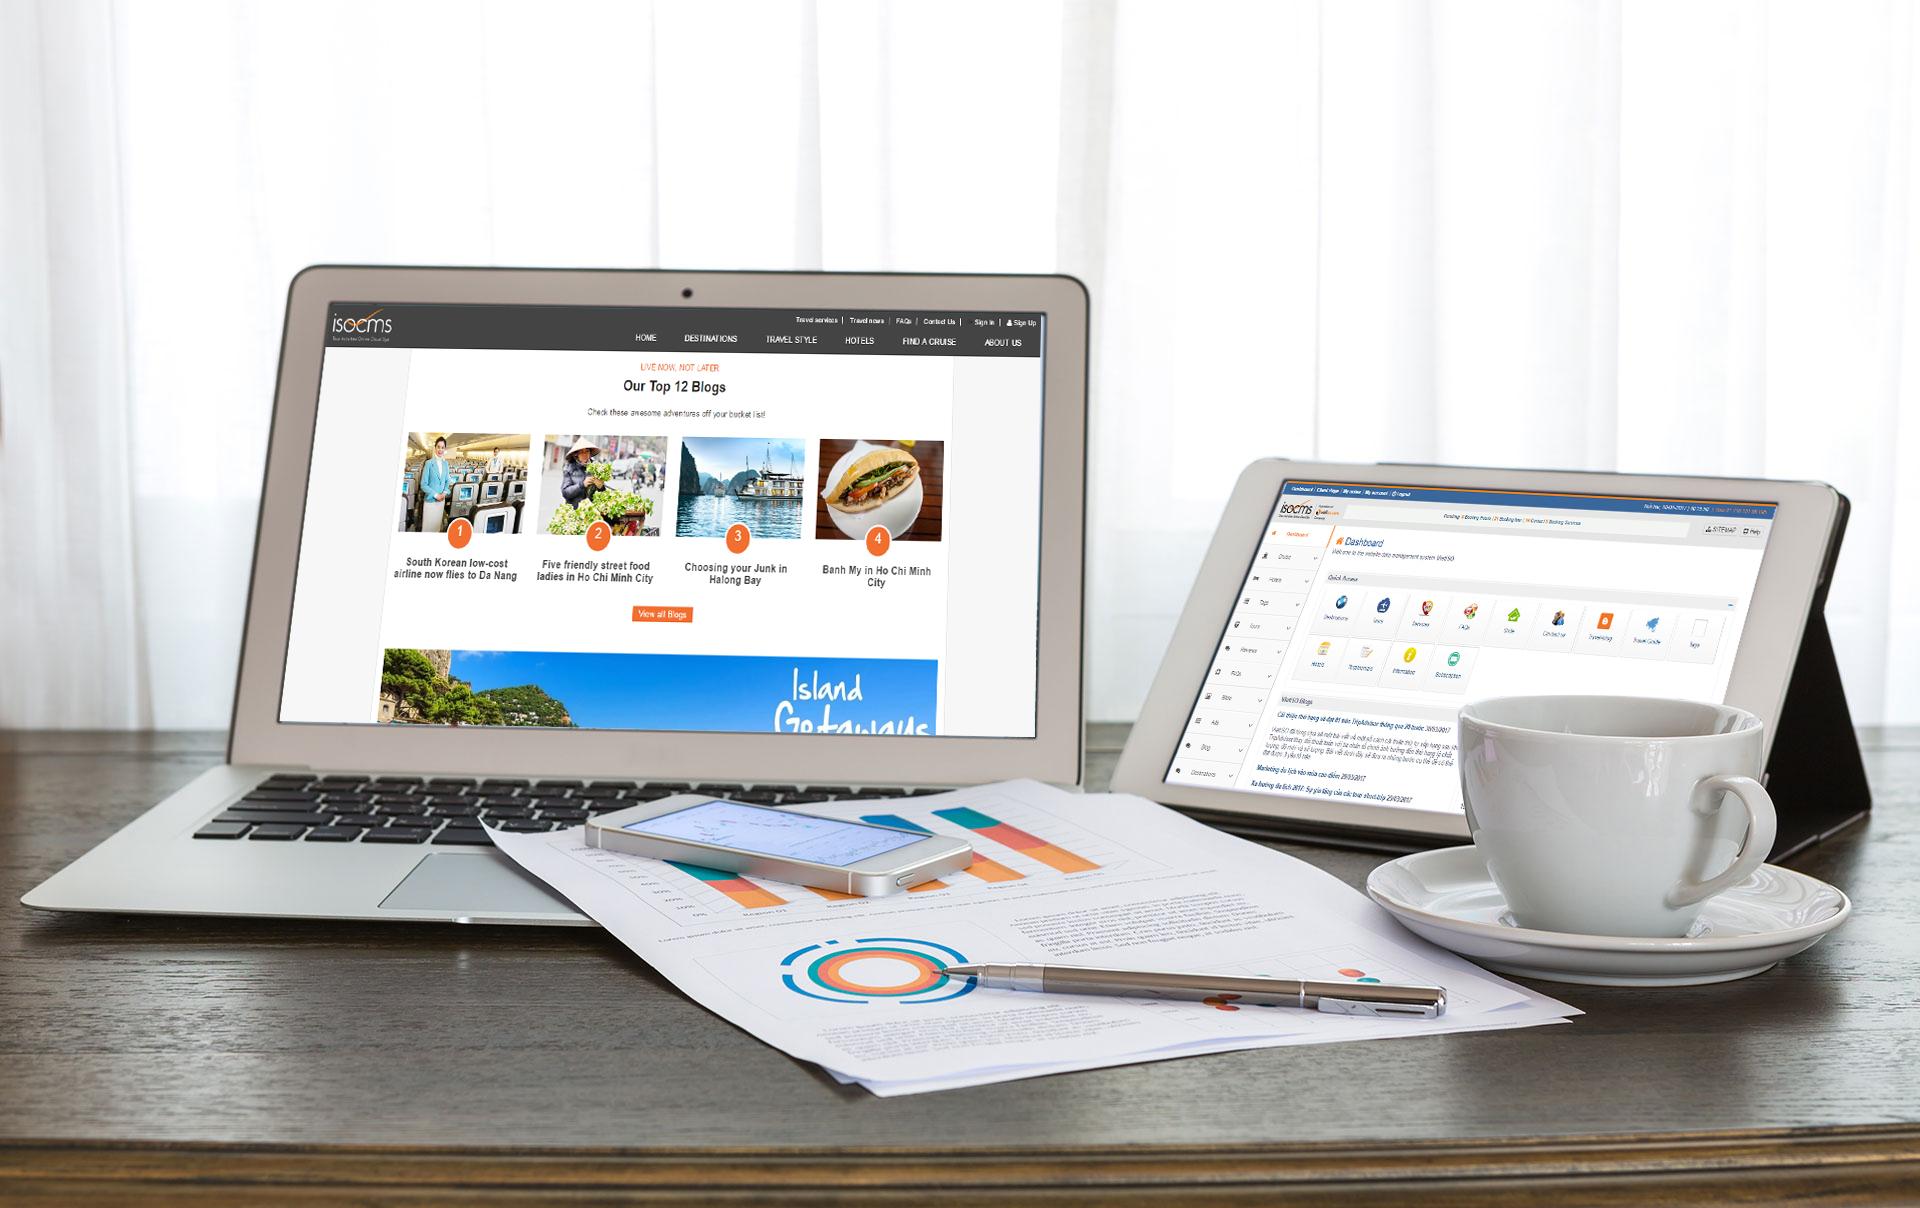 [Download] Làm cách nào theo dõi hiệu suất kinh doanh và marketing hàng tháng?